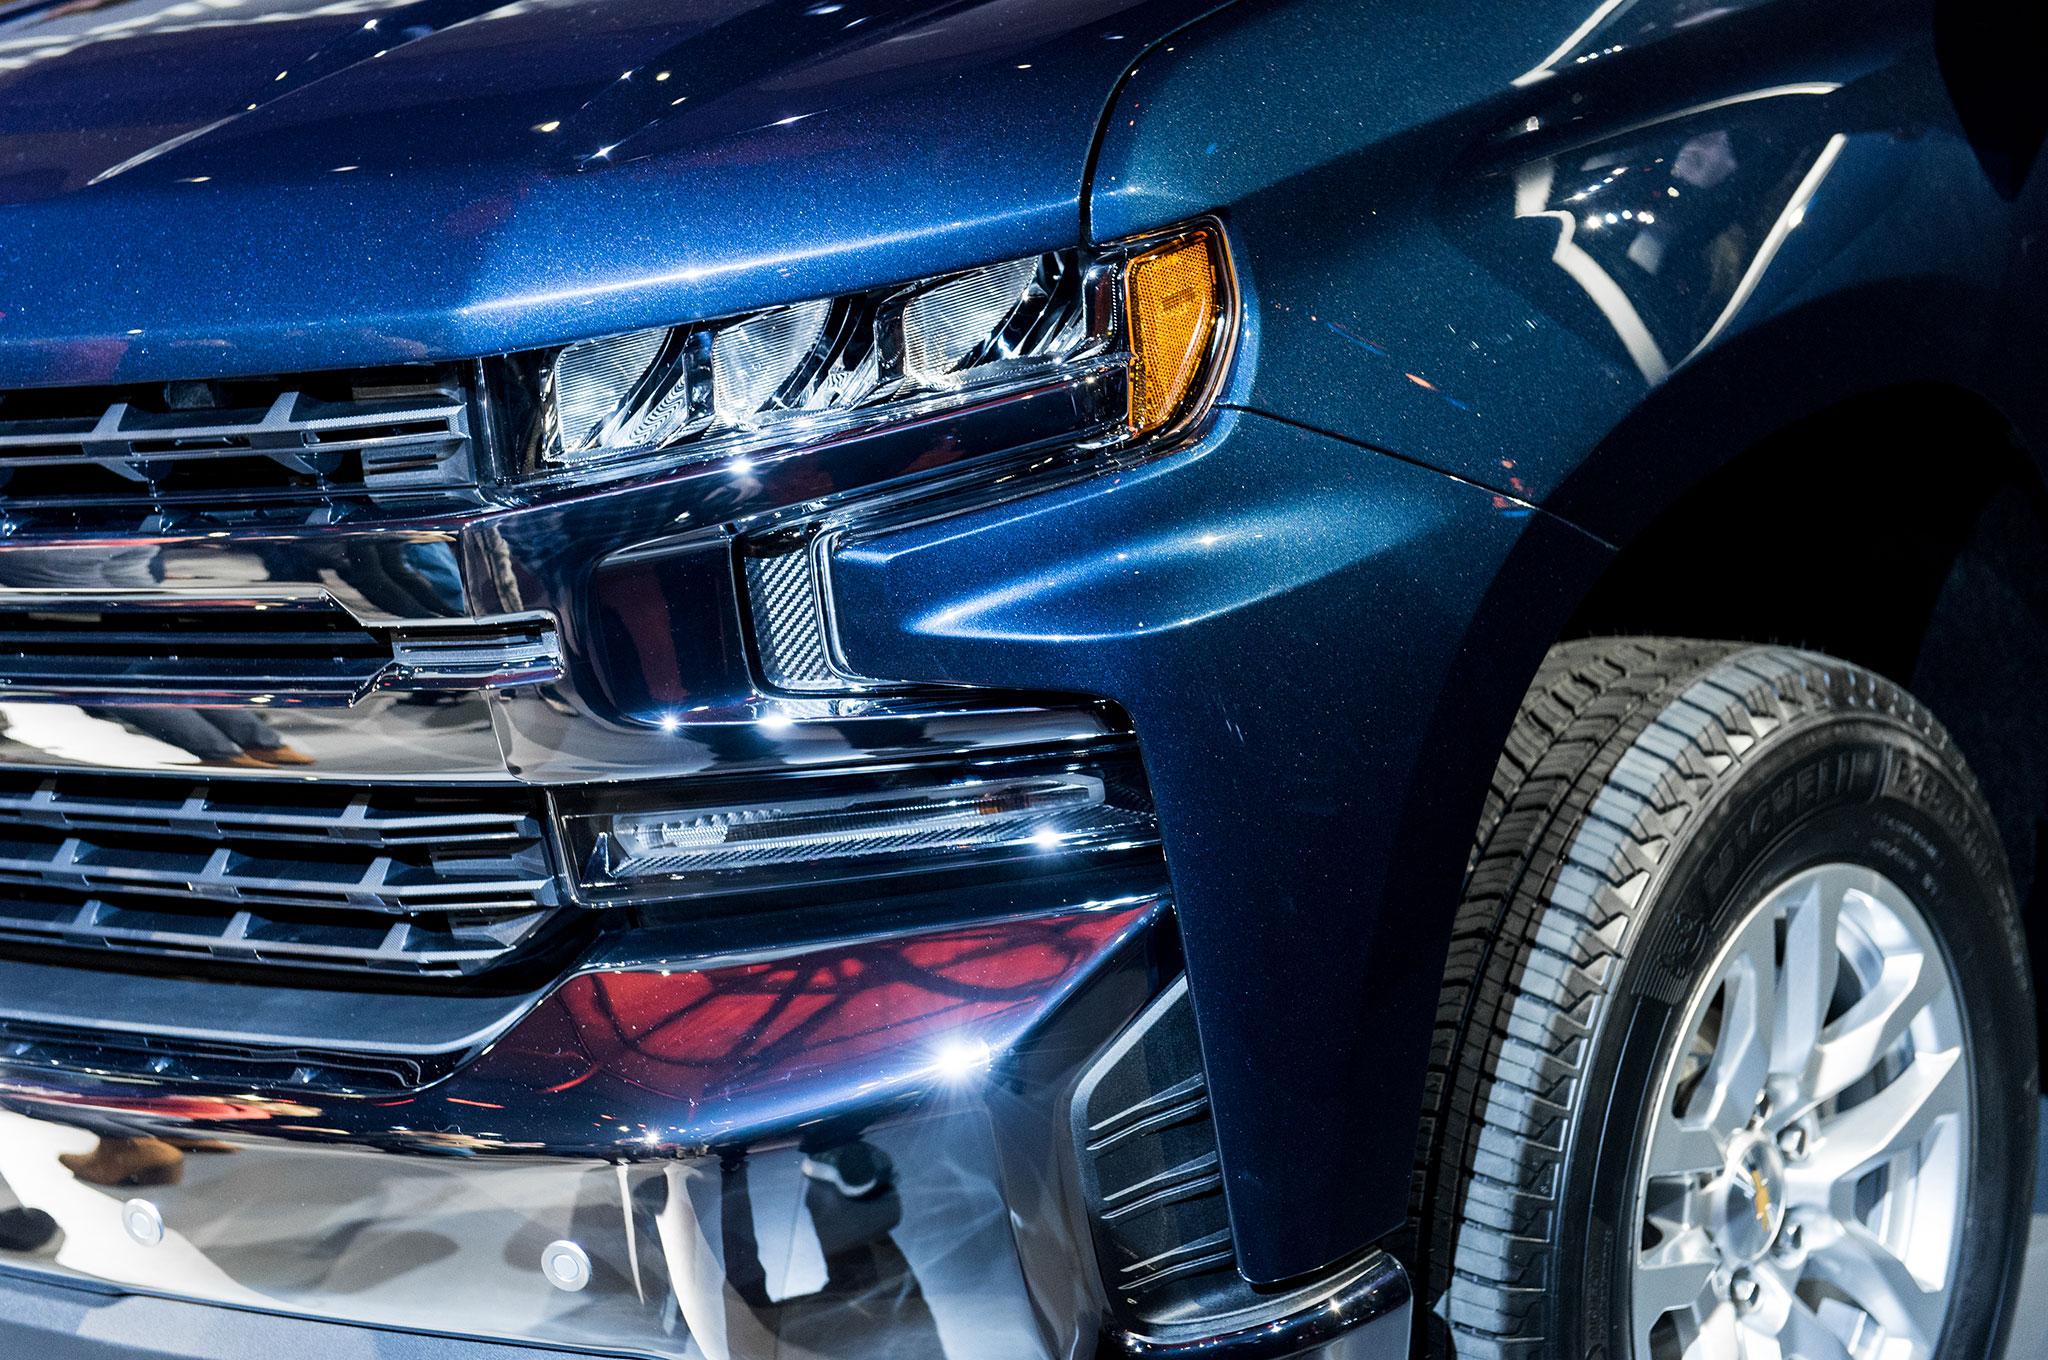 Chevrolet Silverado Cheyenne >> 2019 Chevrolet Silverado 1500 Revealed in Detroit | Automobile Magazine